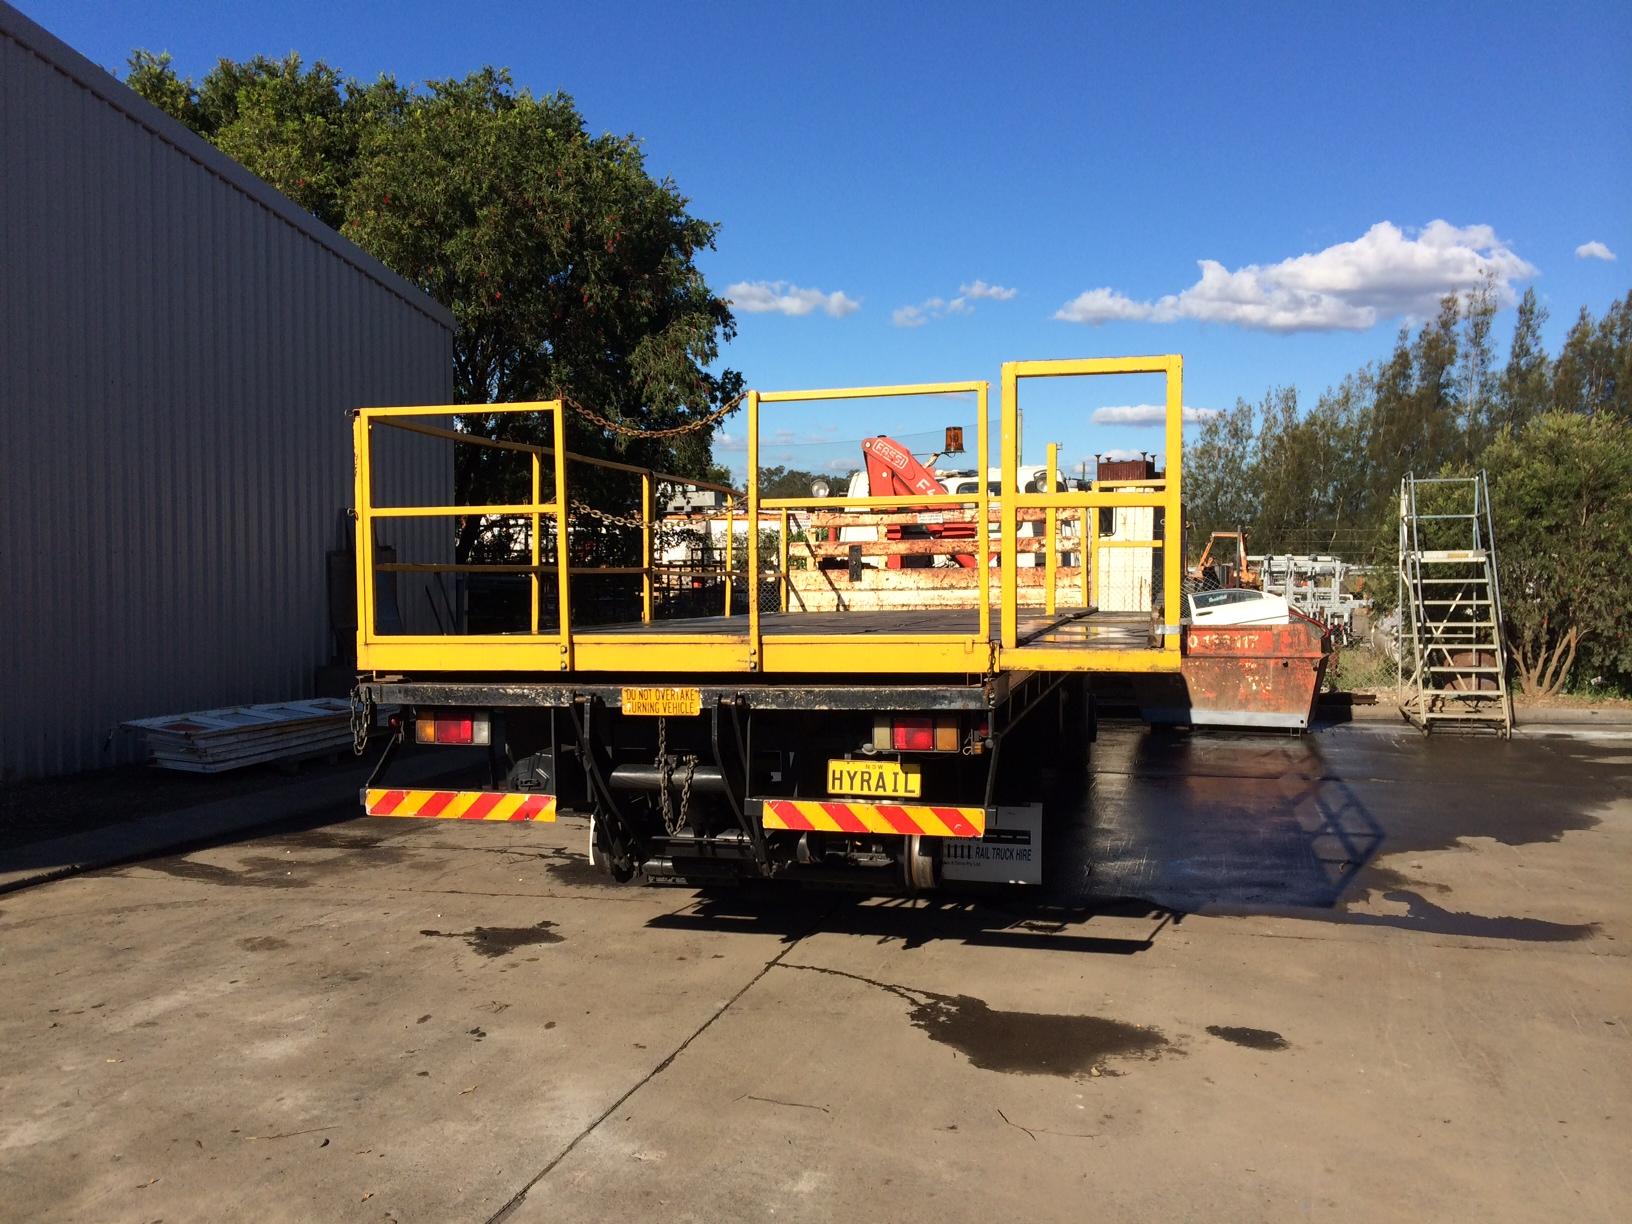 HYRAIL-FTS700-Isuzu-Hirail_Crane-Truck-4.jpg